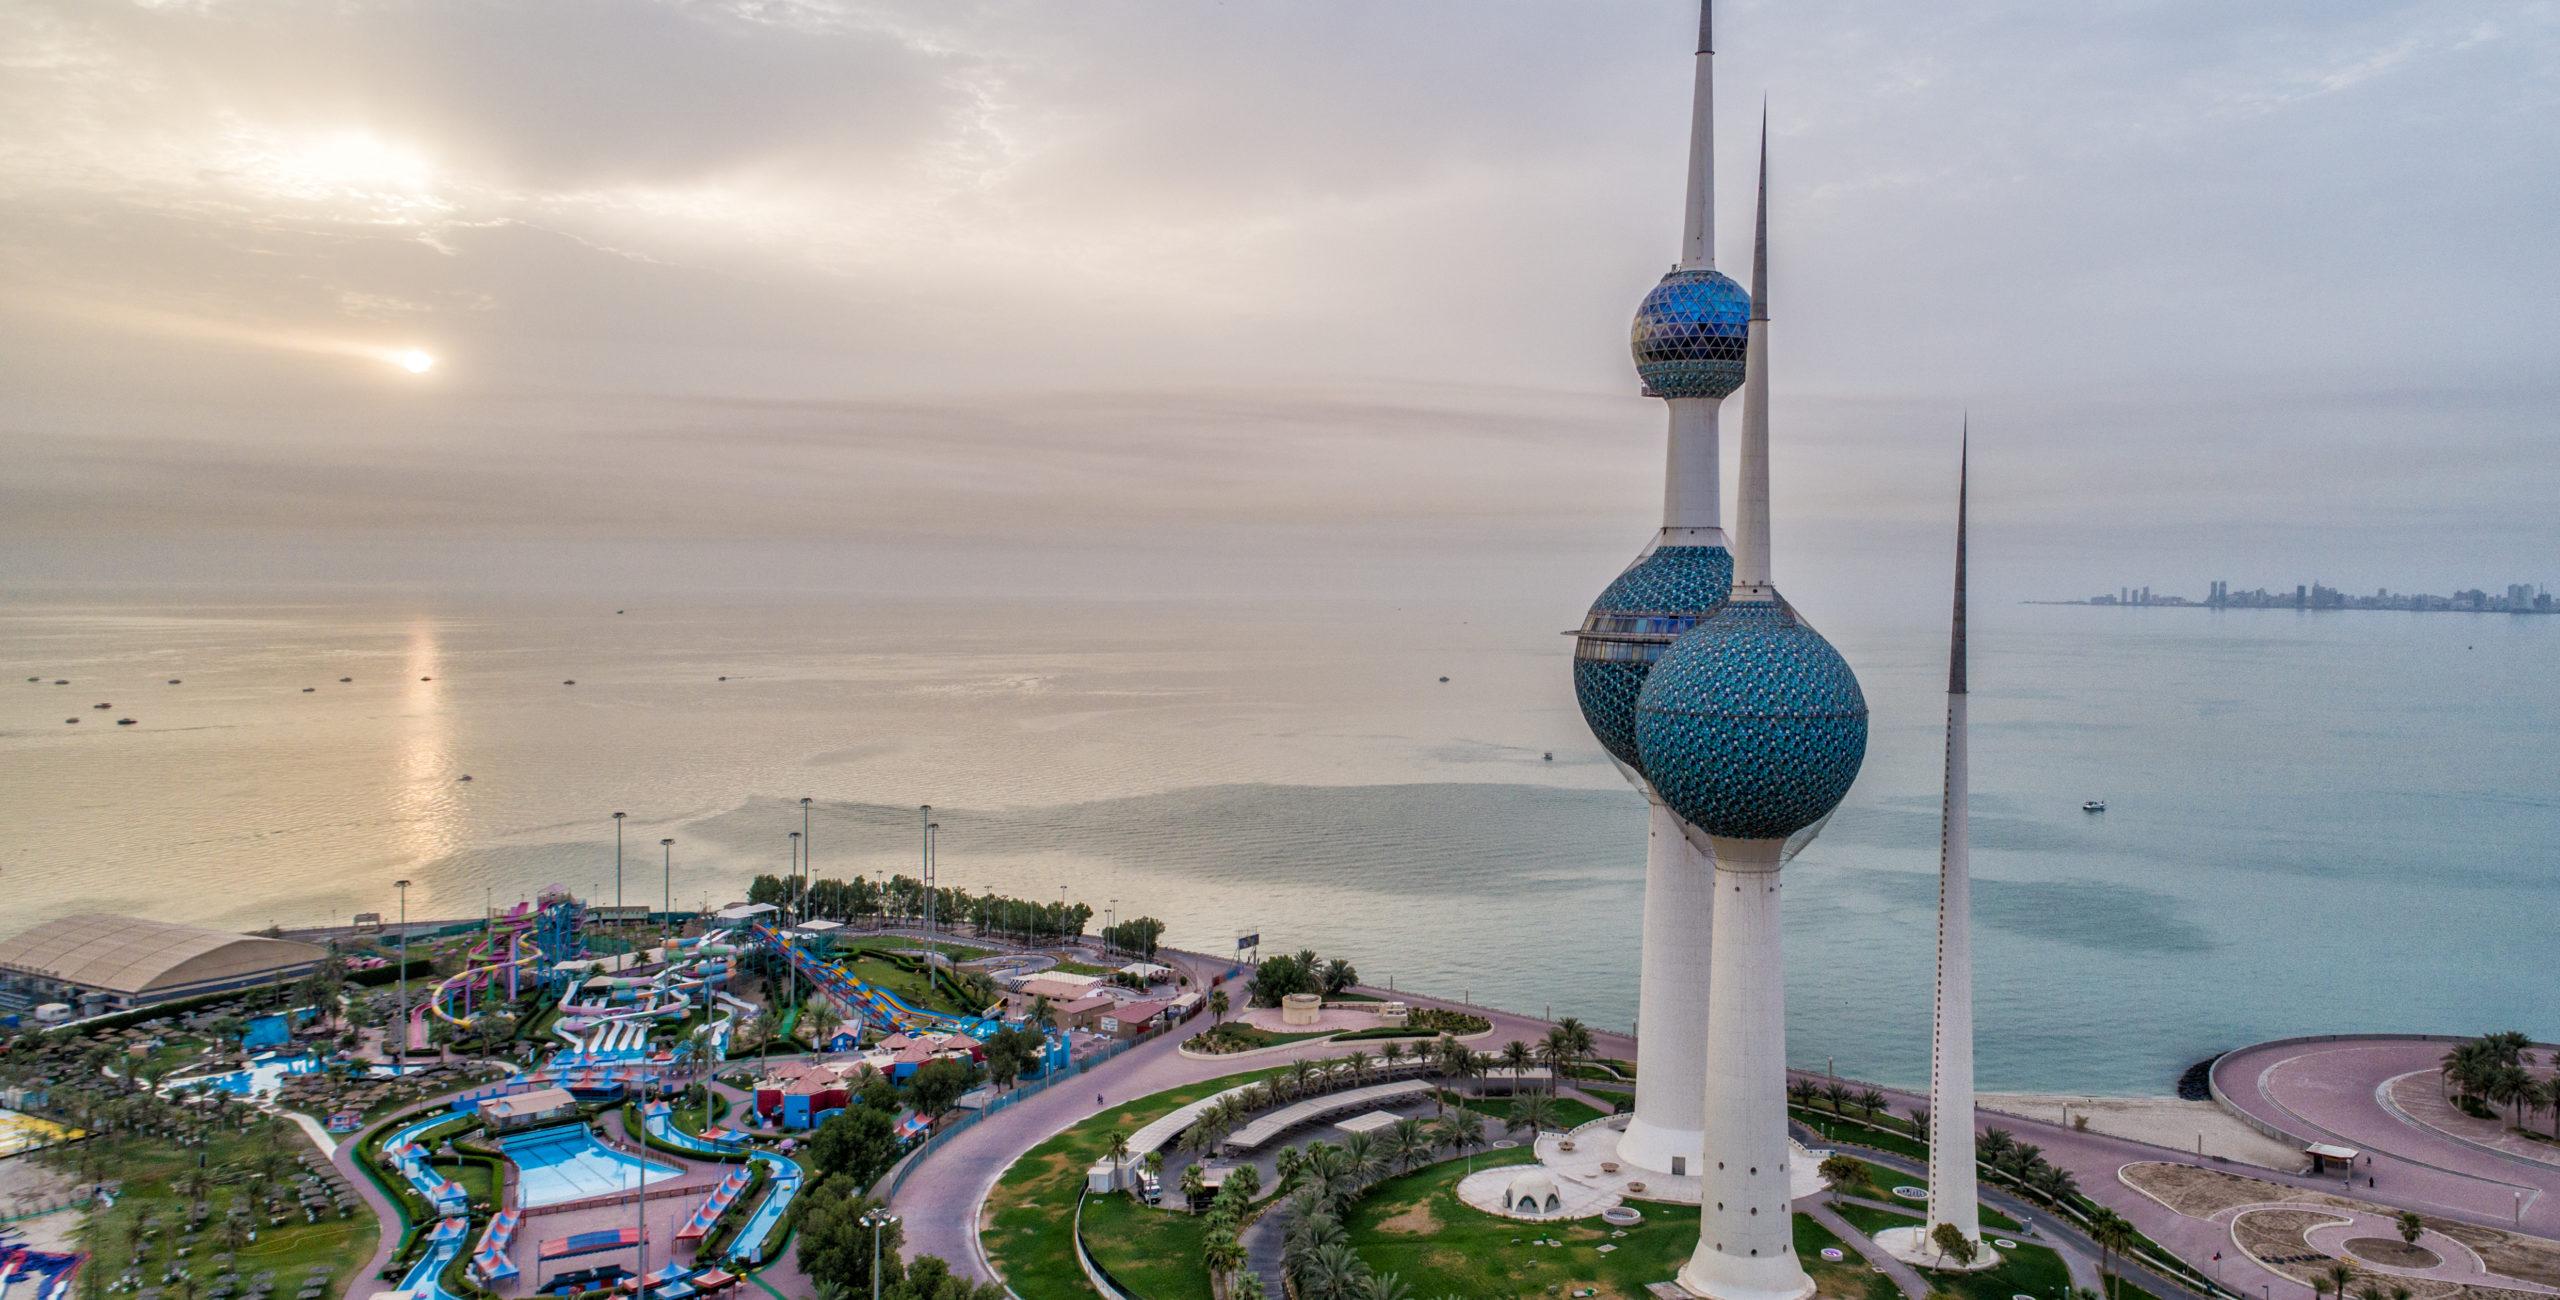 Kuwait [Shutterstock]